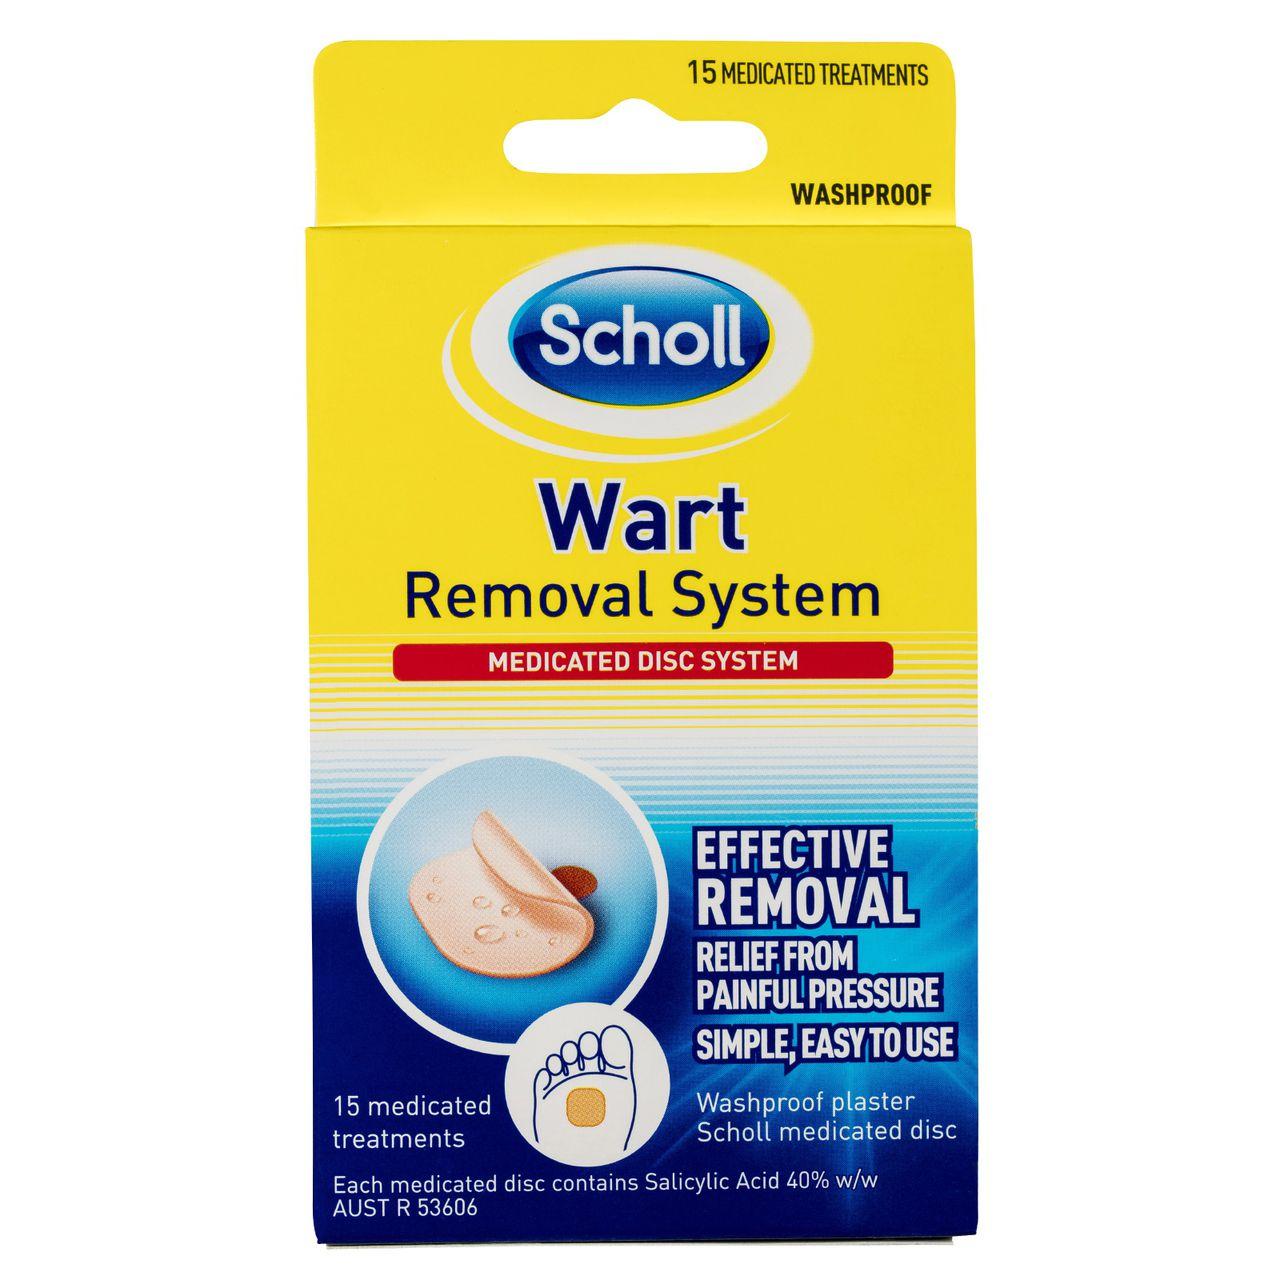 Wart treatment nz.